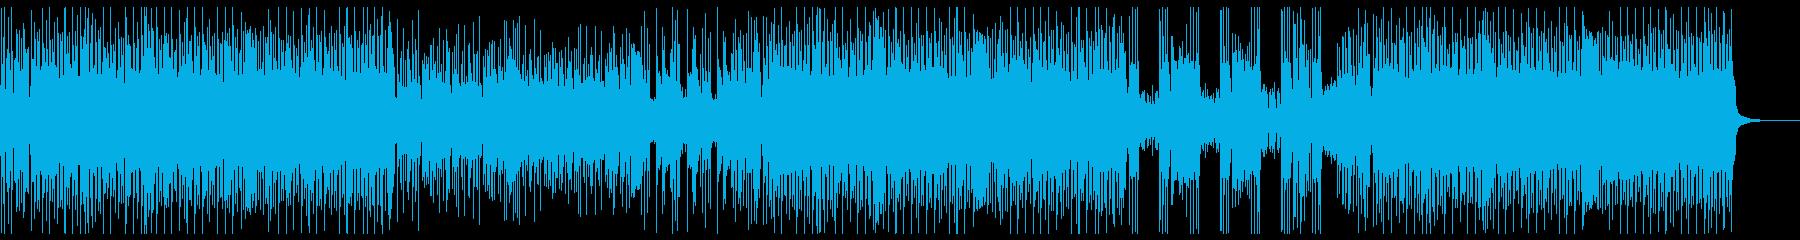 火をイメージした情熱的なインスト曲の再生済みの波形